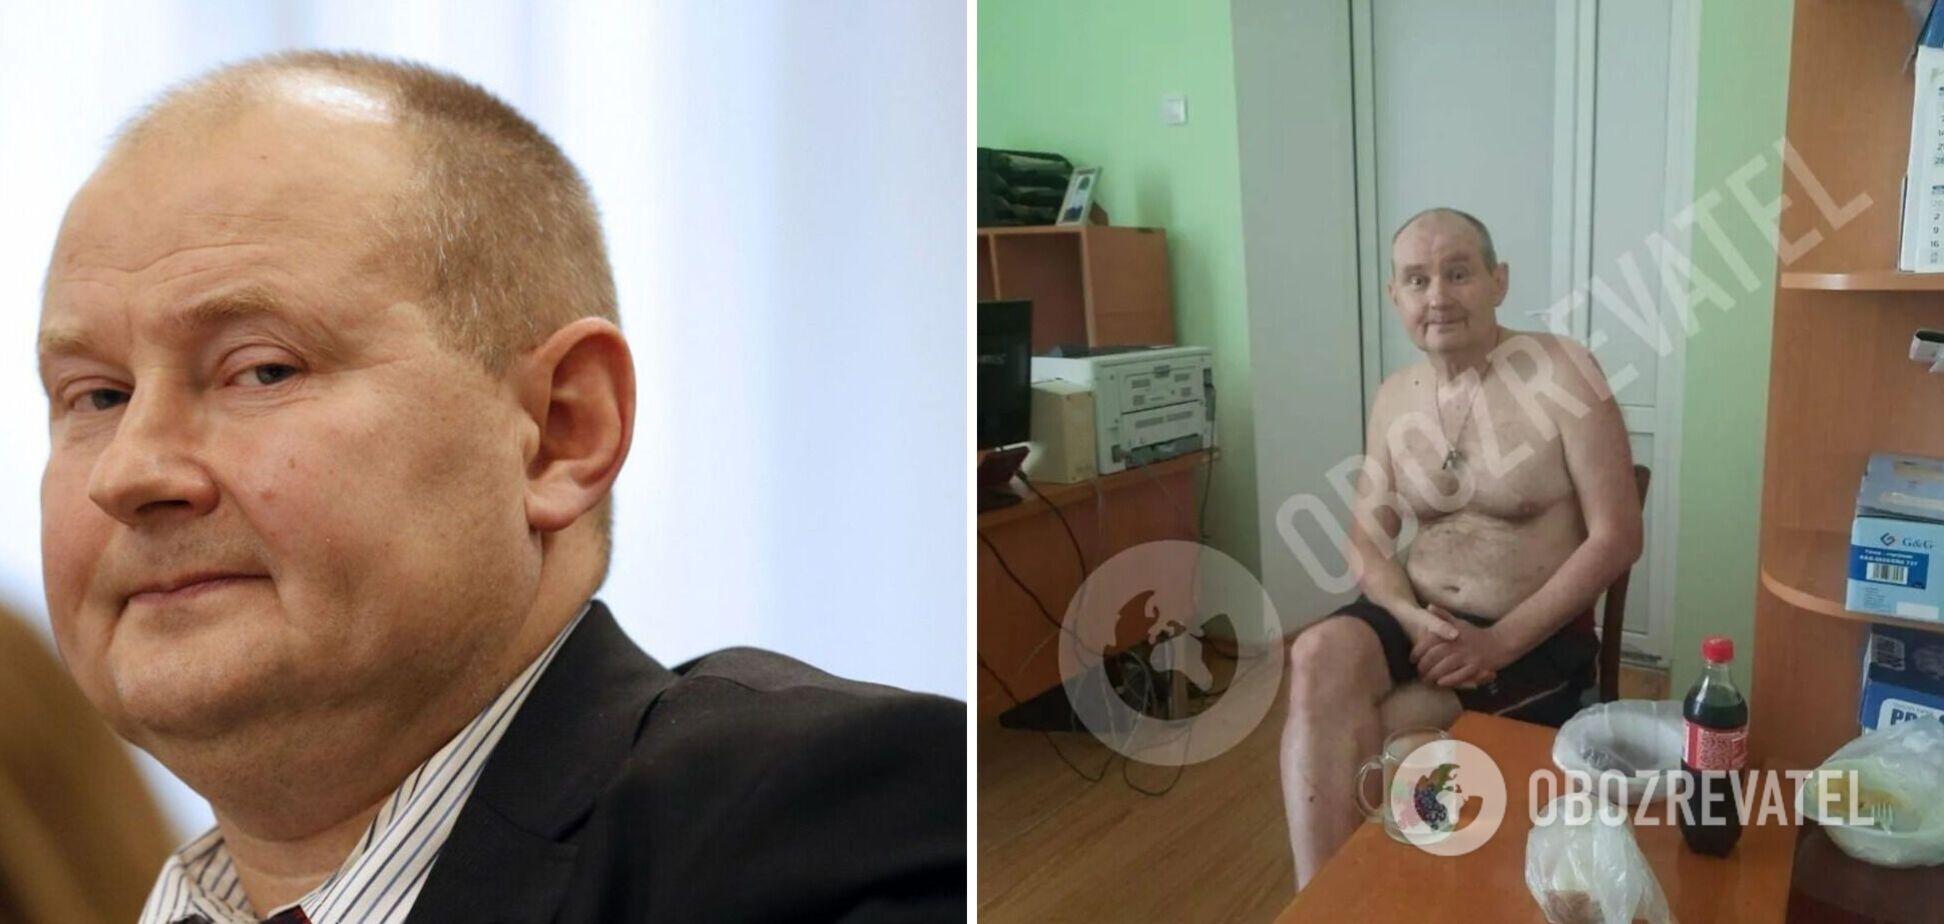 Адвокат Чауса о его местонахождении: мне удалось с ним пообщаться, ситуация немыслима